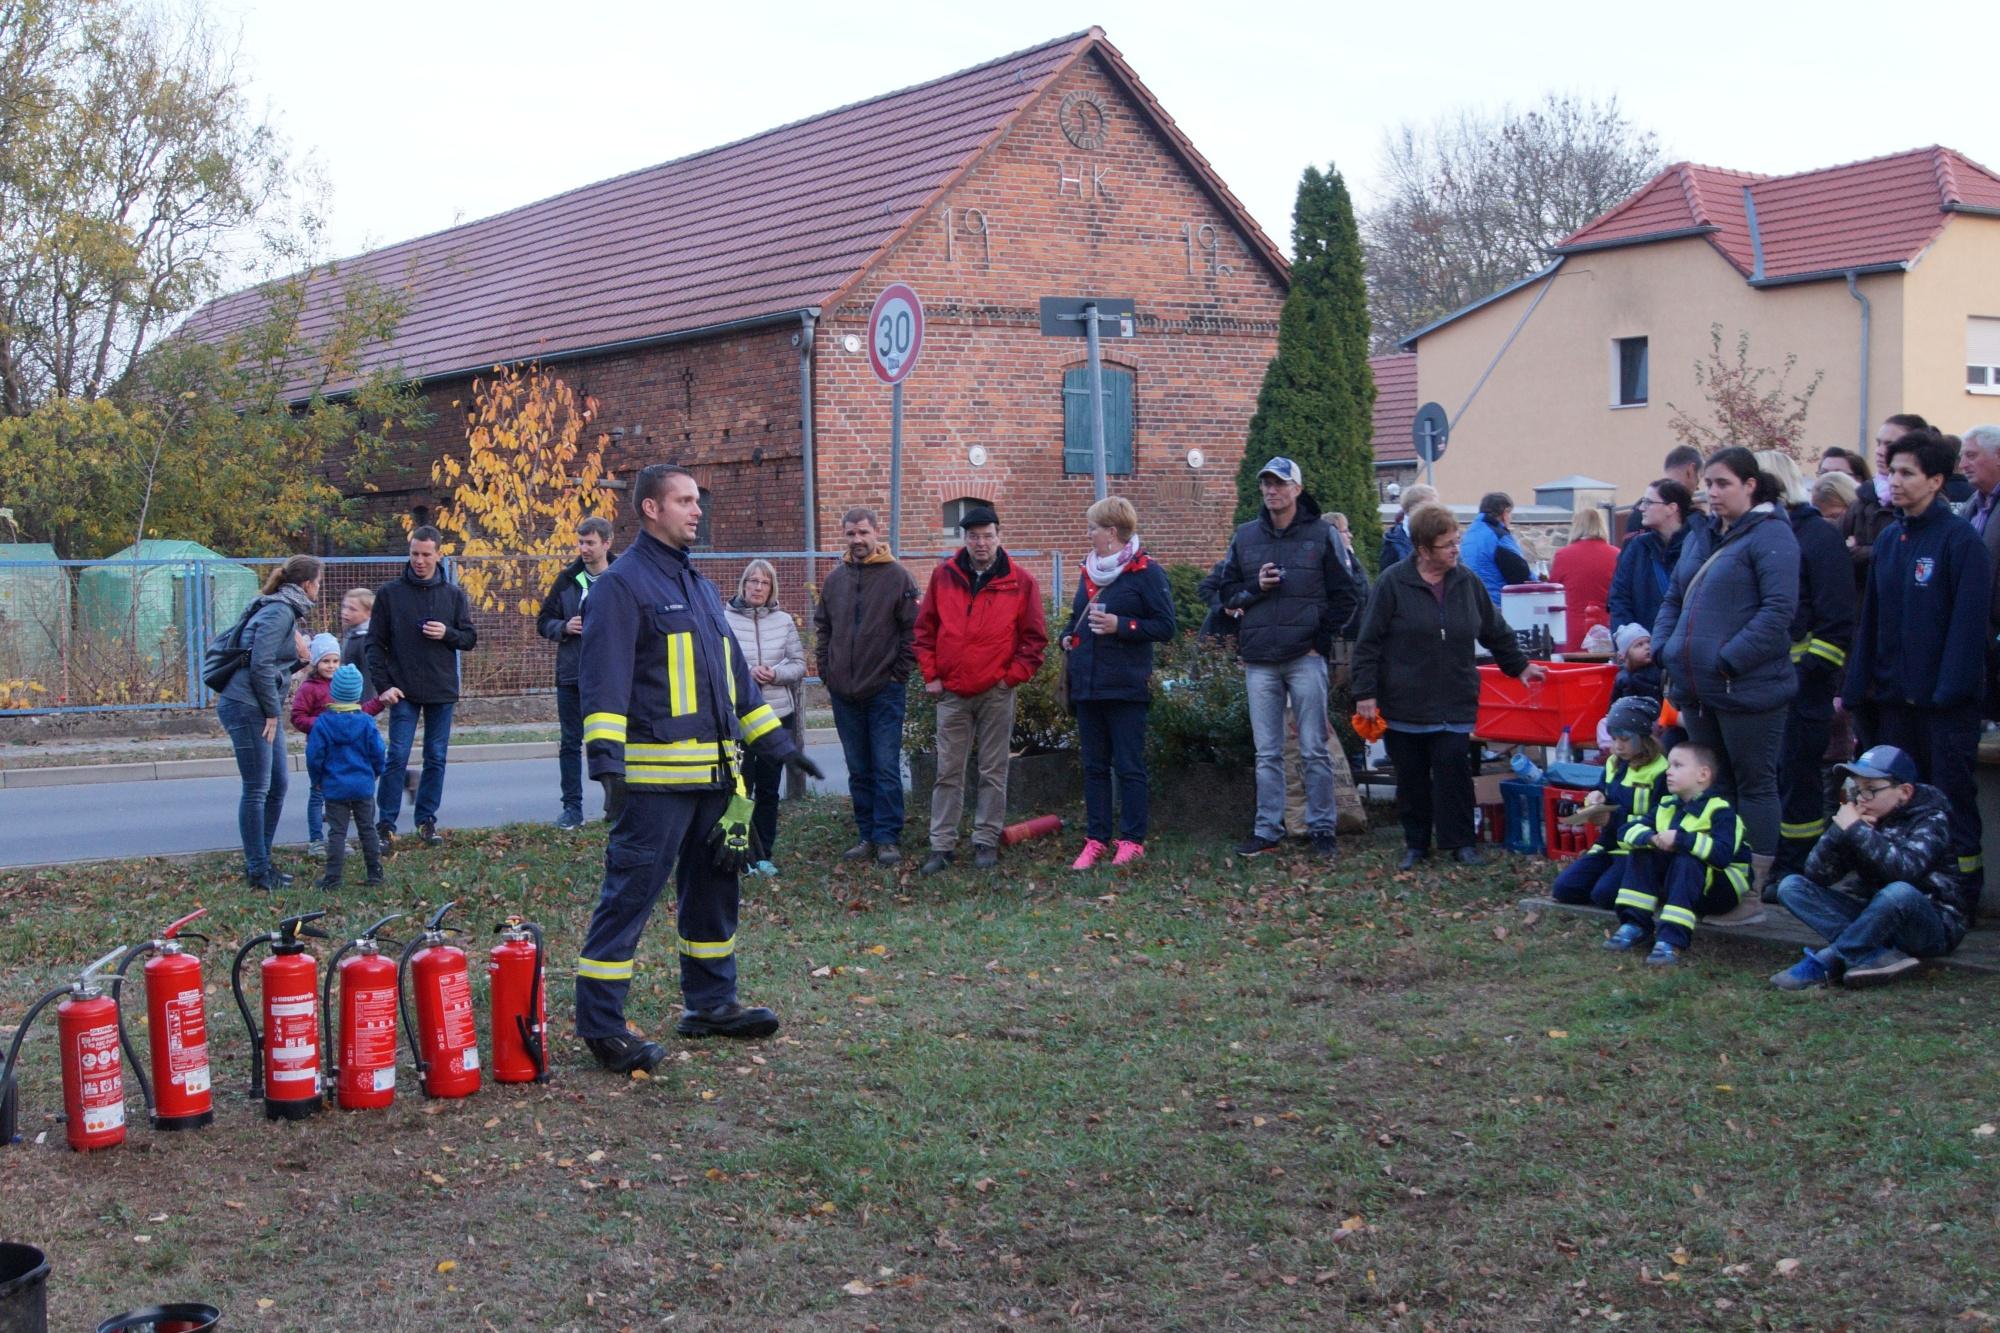 Feuerwehr_Tag_der_offenen_Tür_2018_36